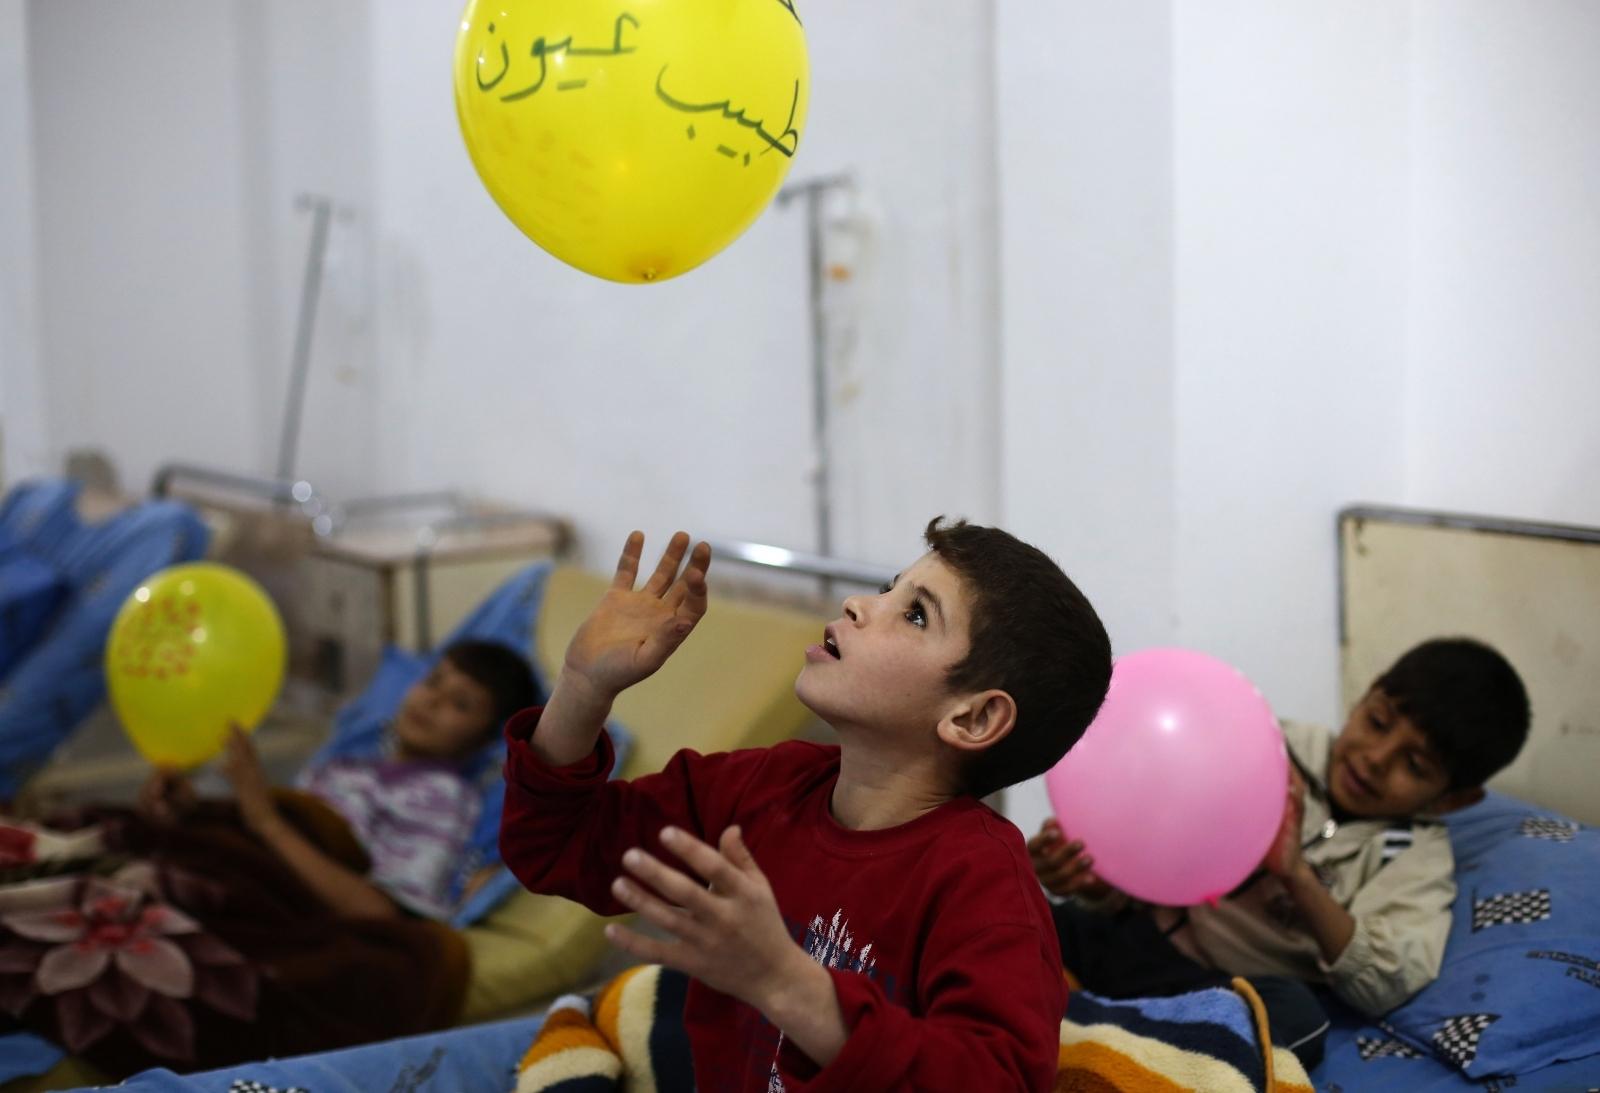 Syria boy